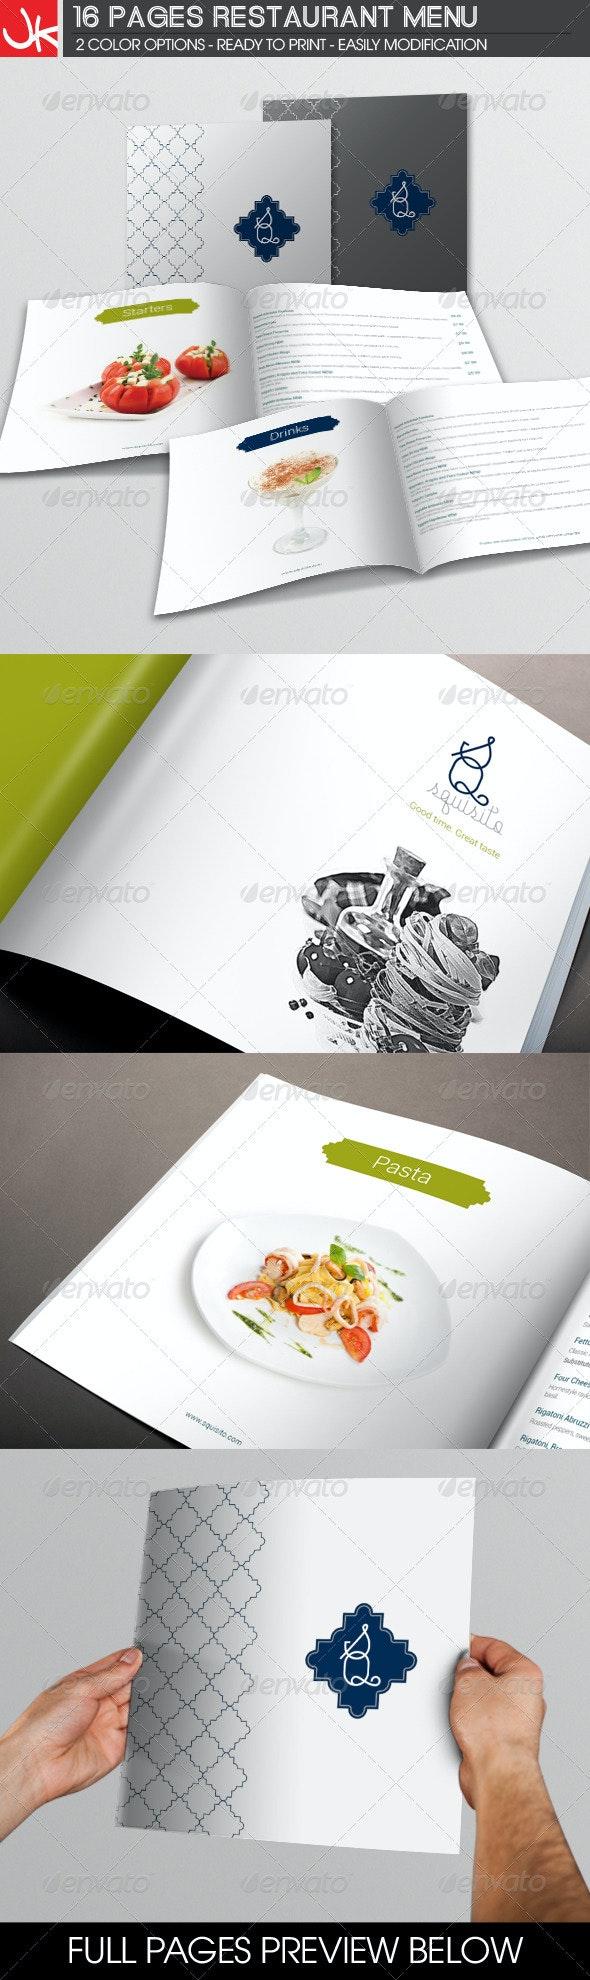 16 Pages Restaurant Menu